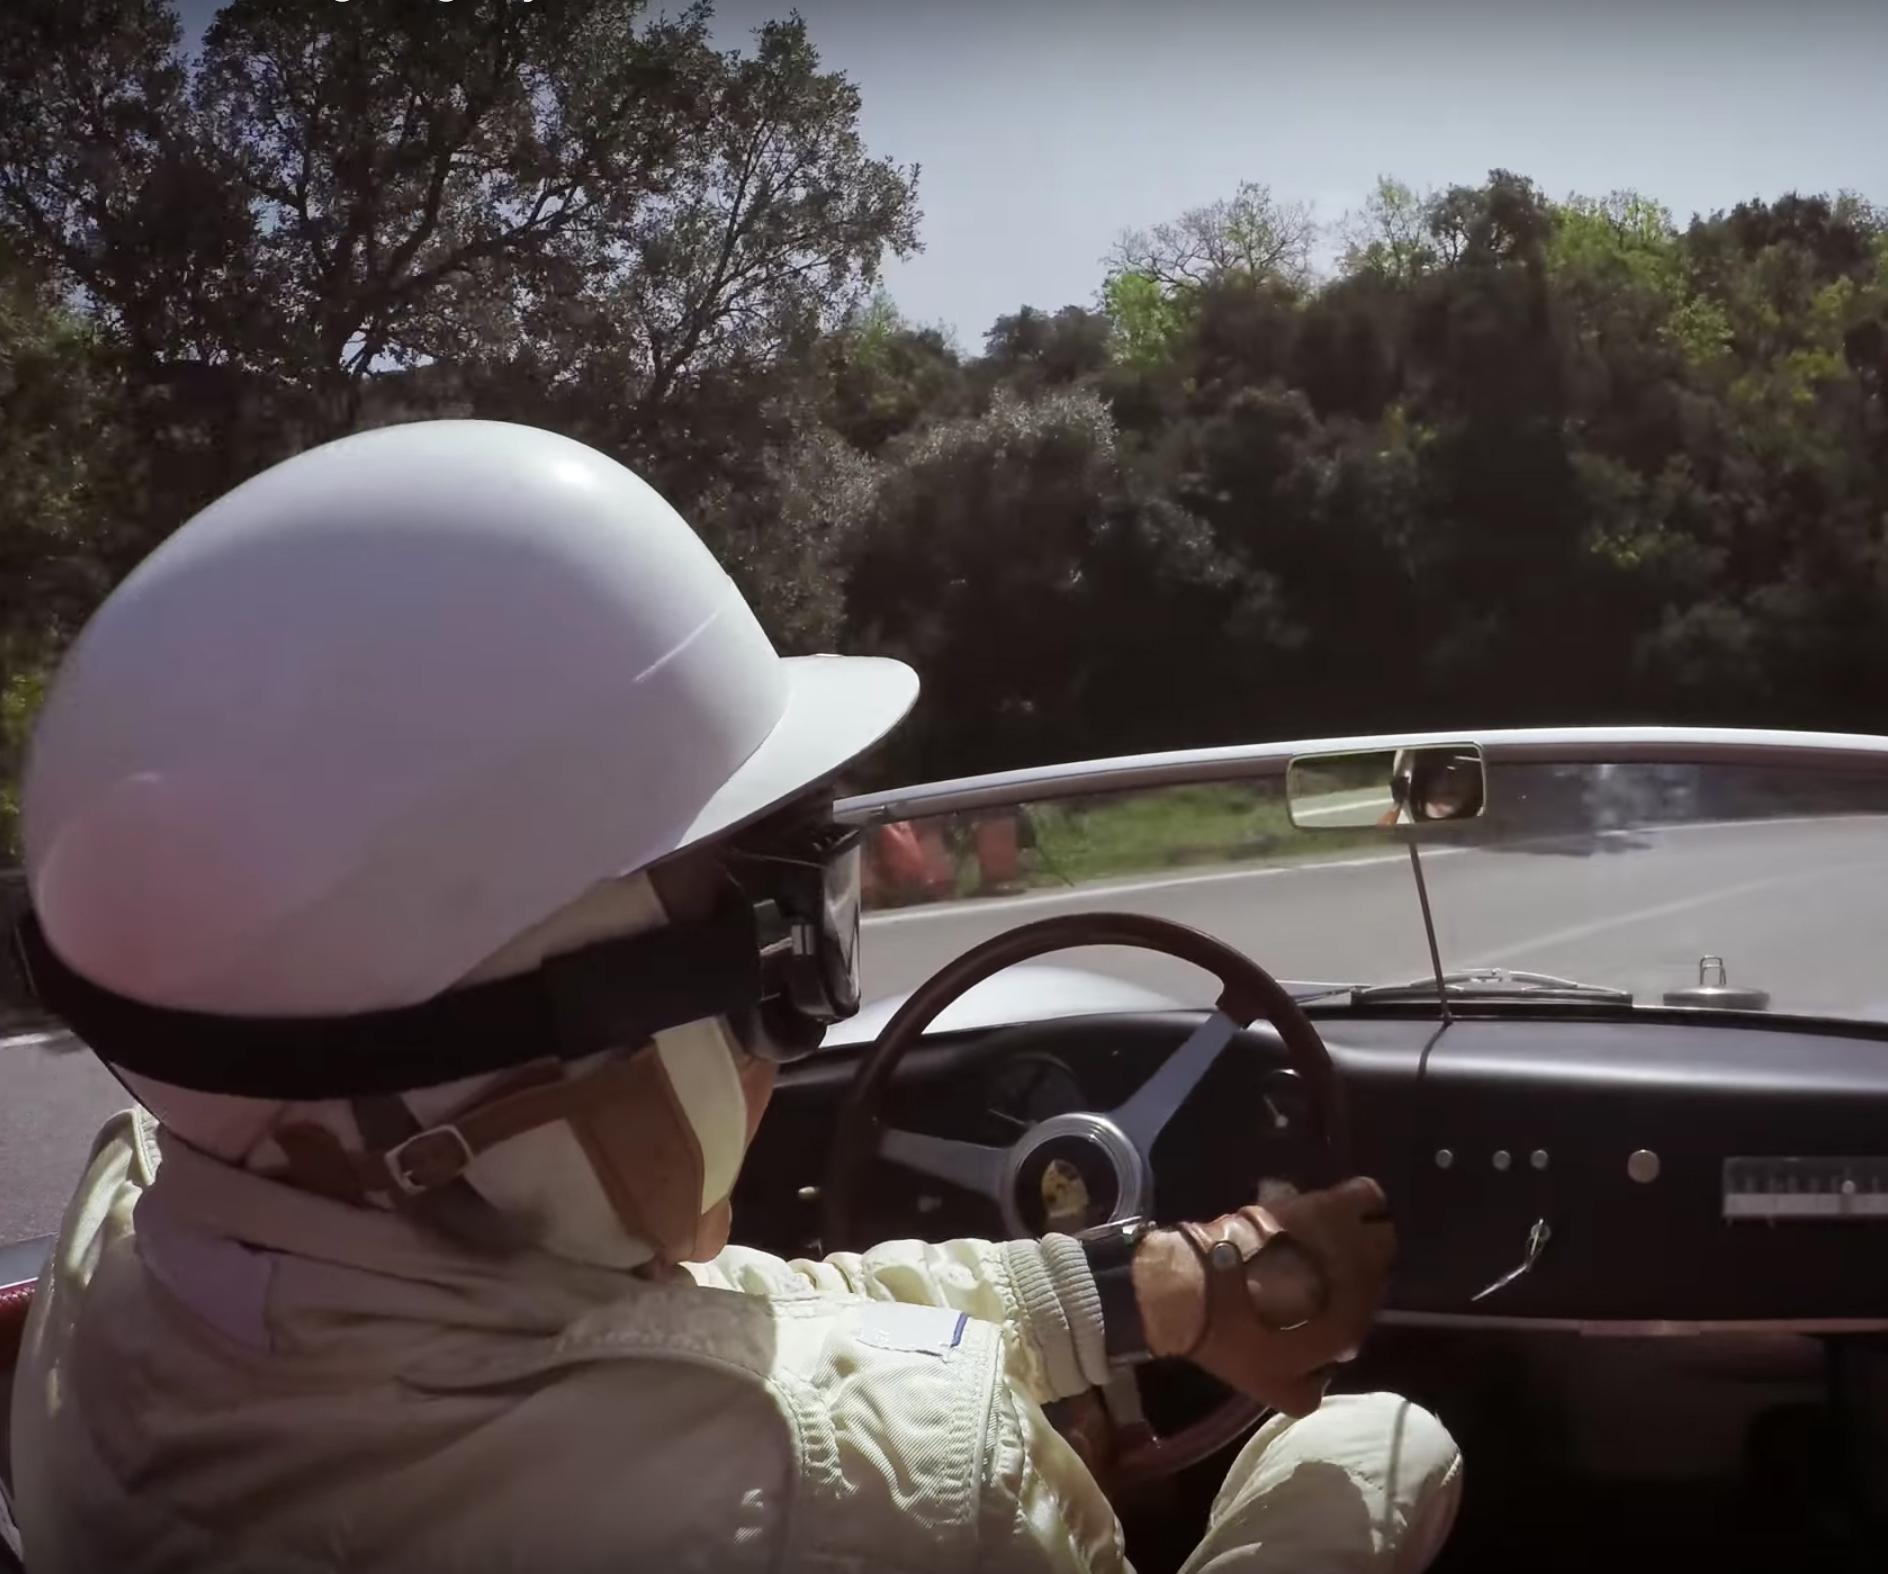 Racing Legend Derek Bell Tours Sicily in a Classic Porsche